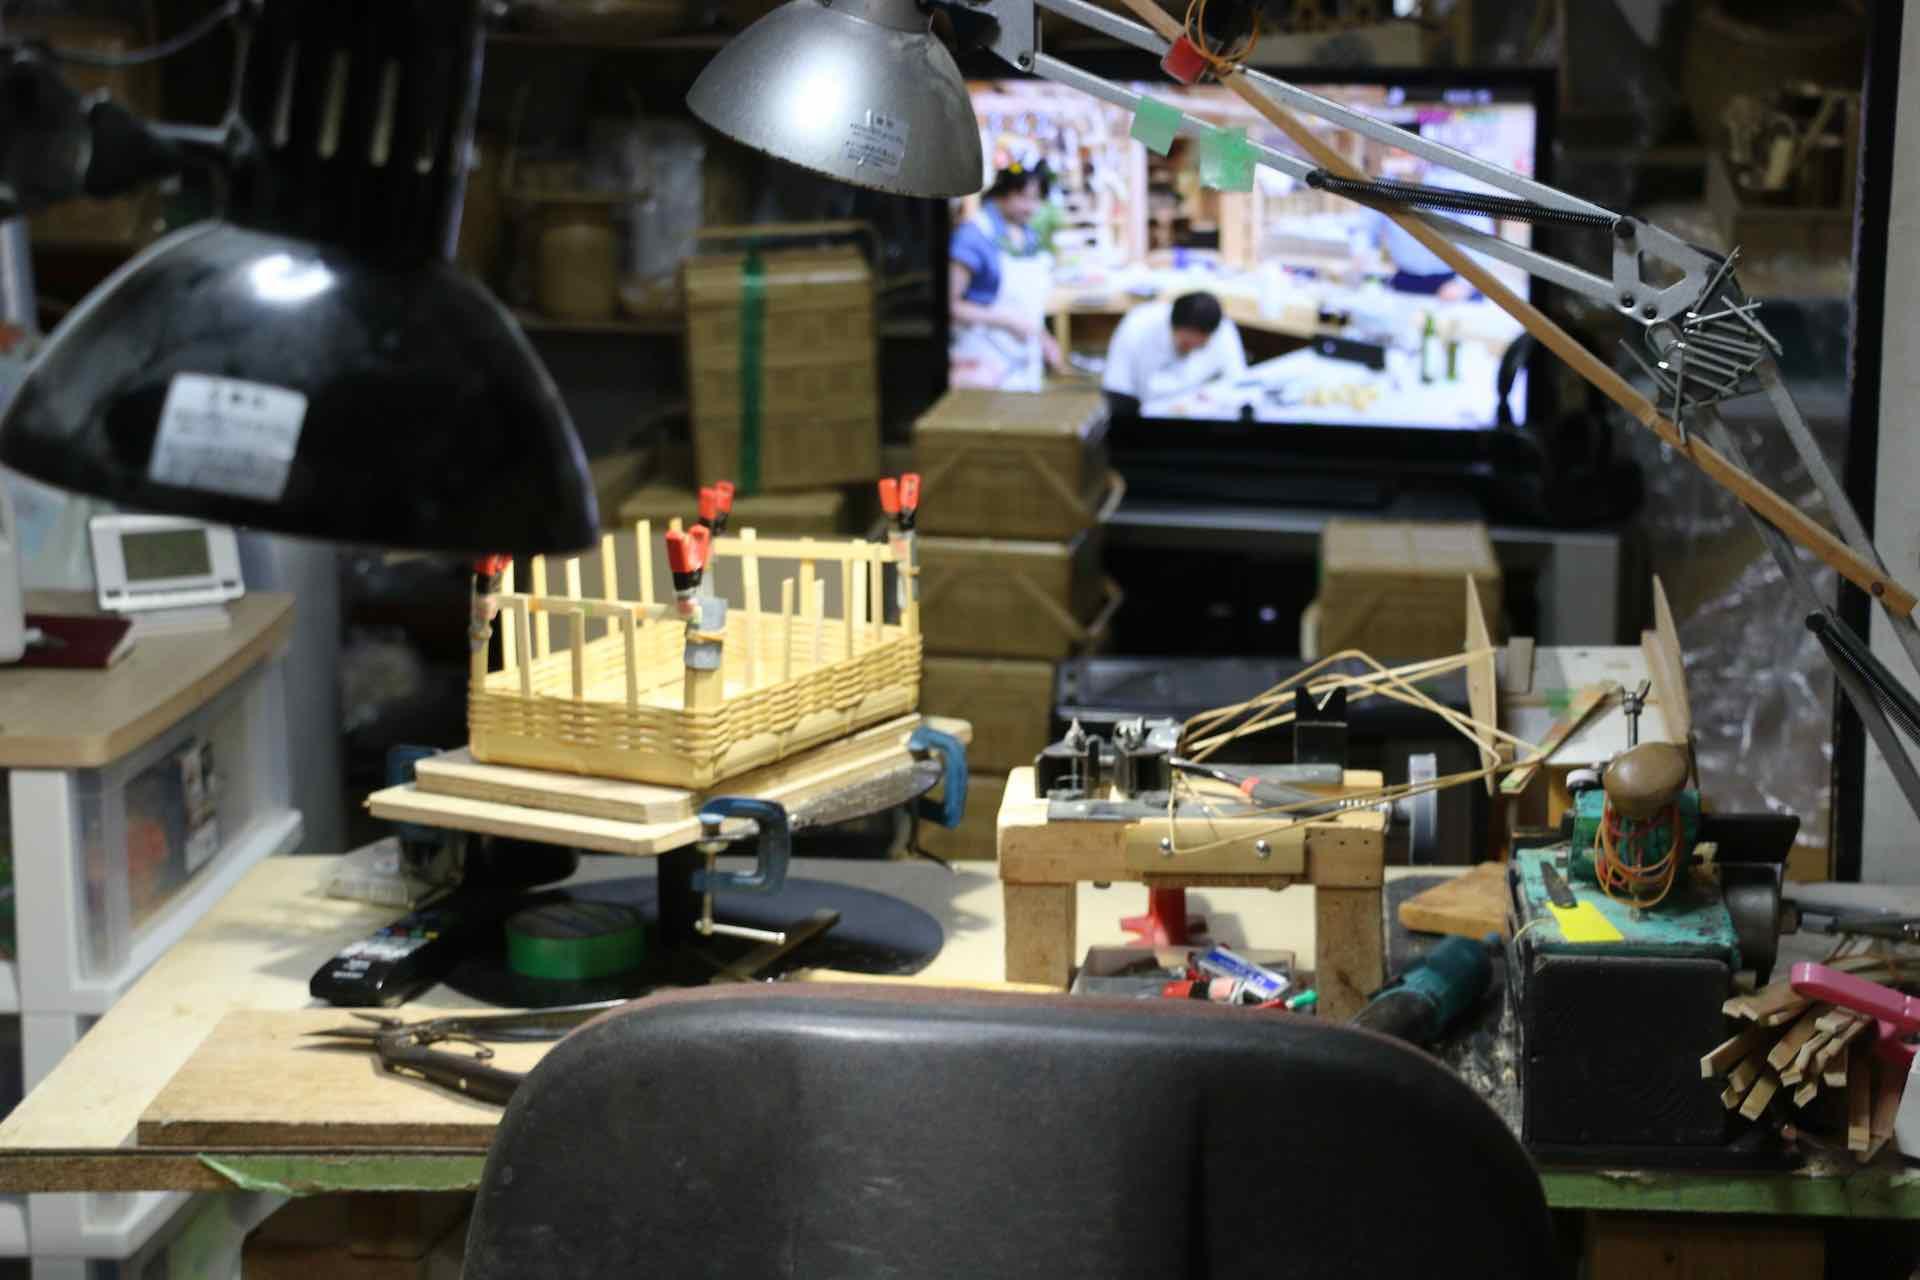 1日の大半を過ごすという工房内。テレビが見やすい位置に作業台がセットされています